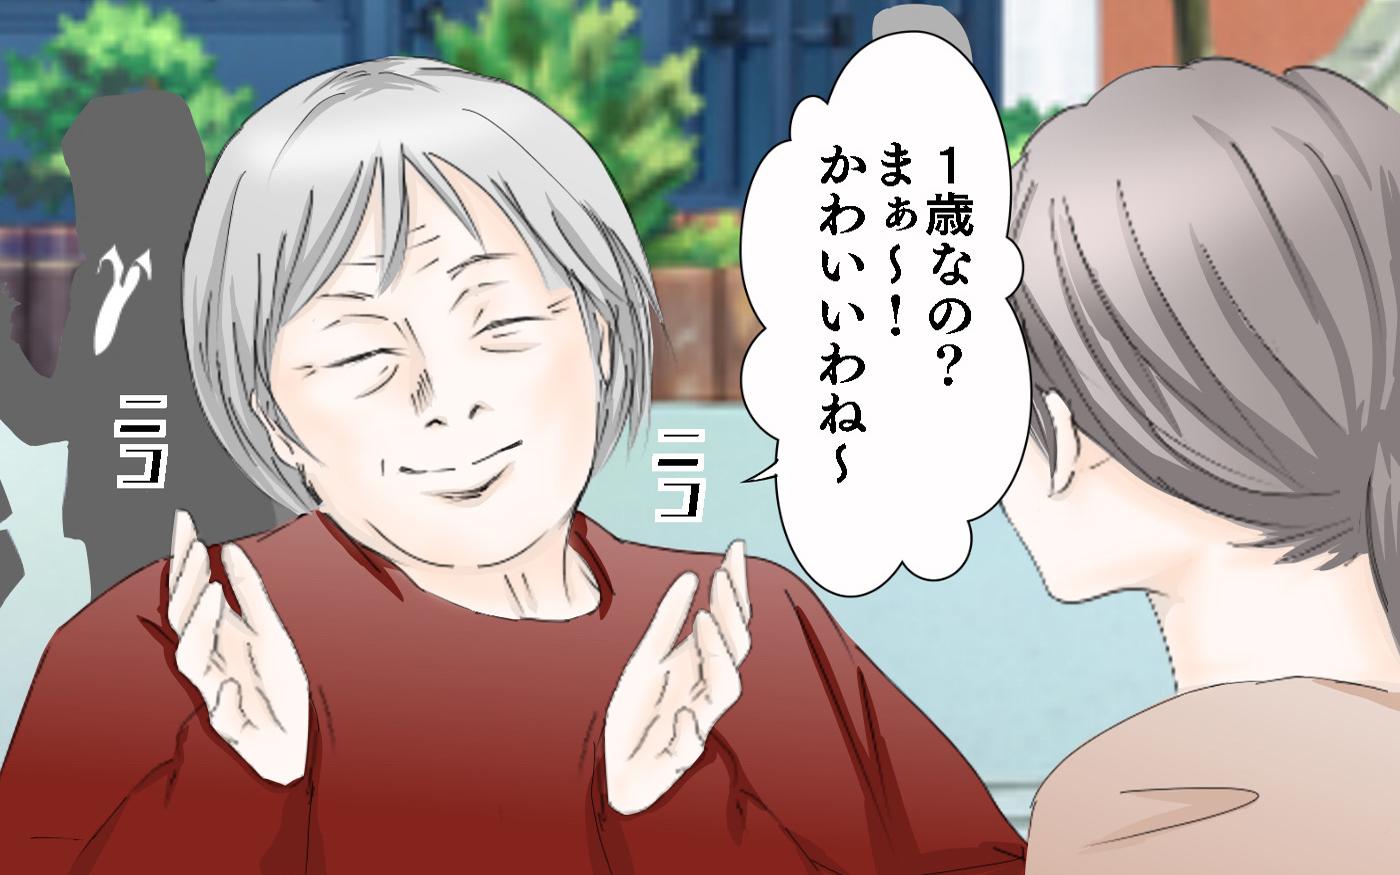 娘の文化祭で出会った笑顔のおばあさんの行動にゾッとした話